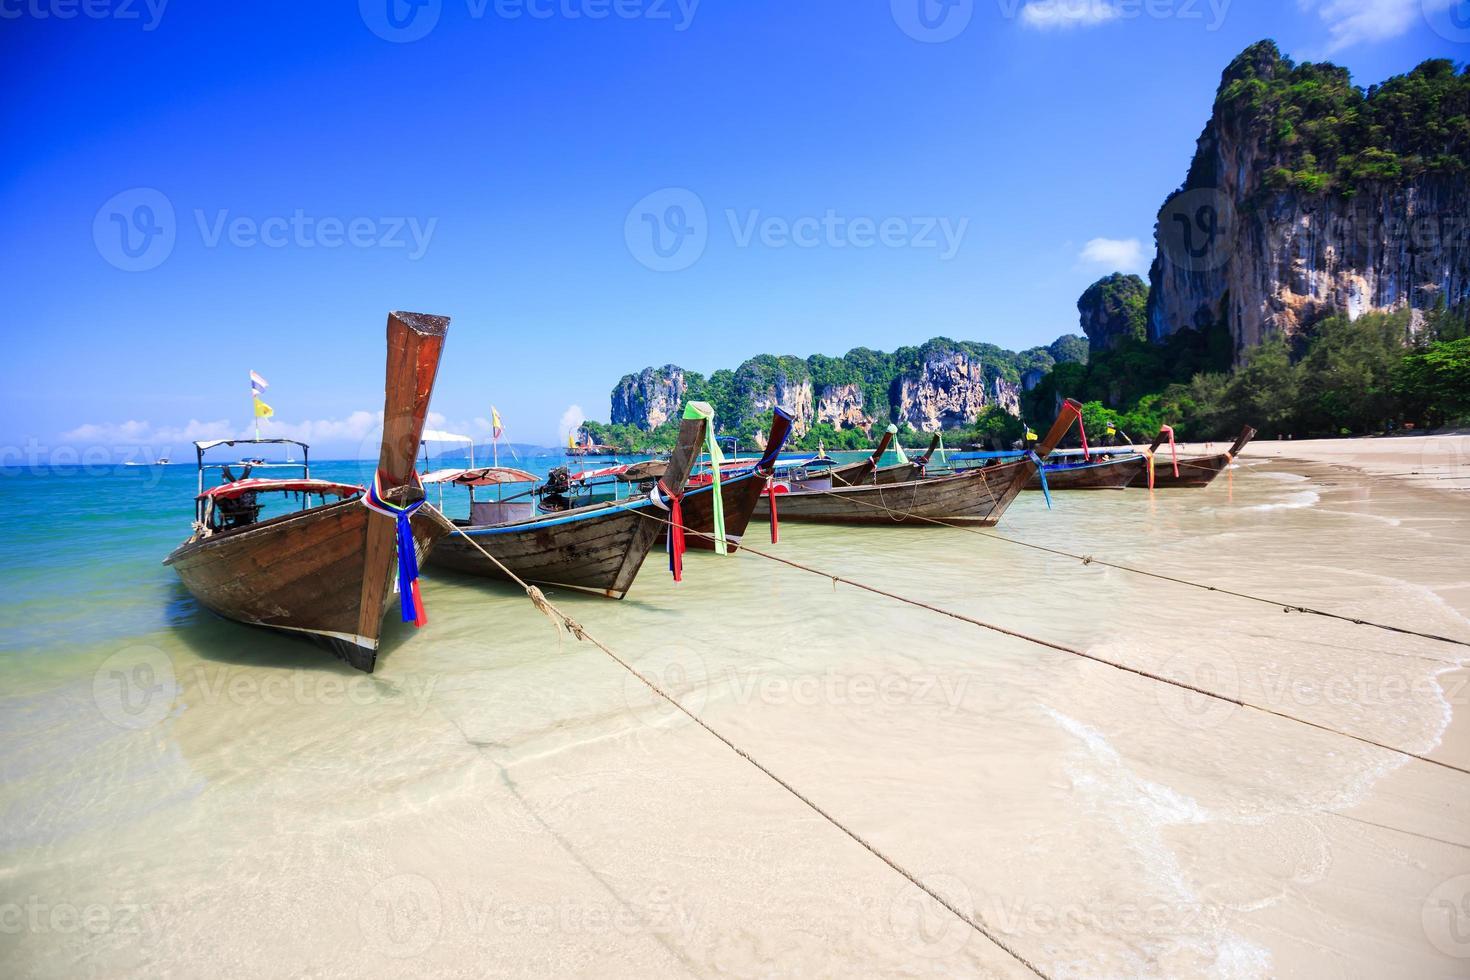 barco de cauda longa tradicional praia tropical foto